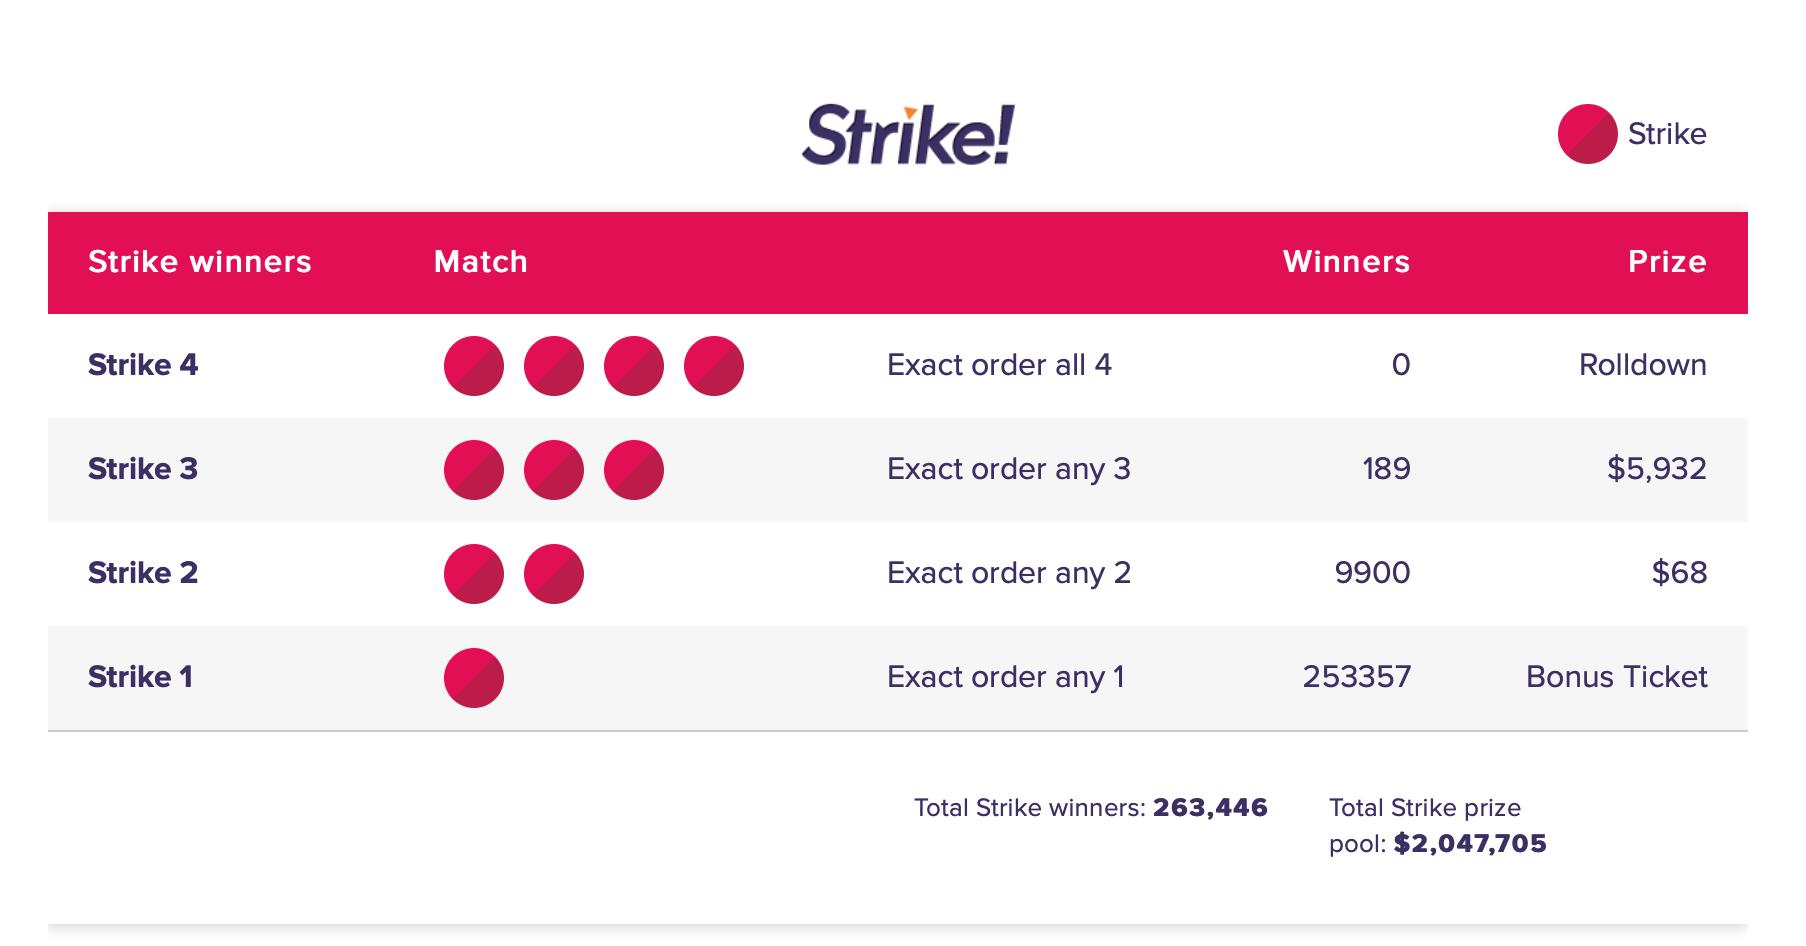 Strike Rule